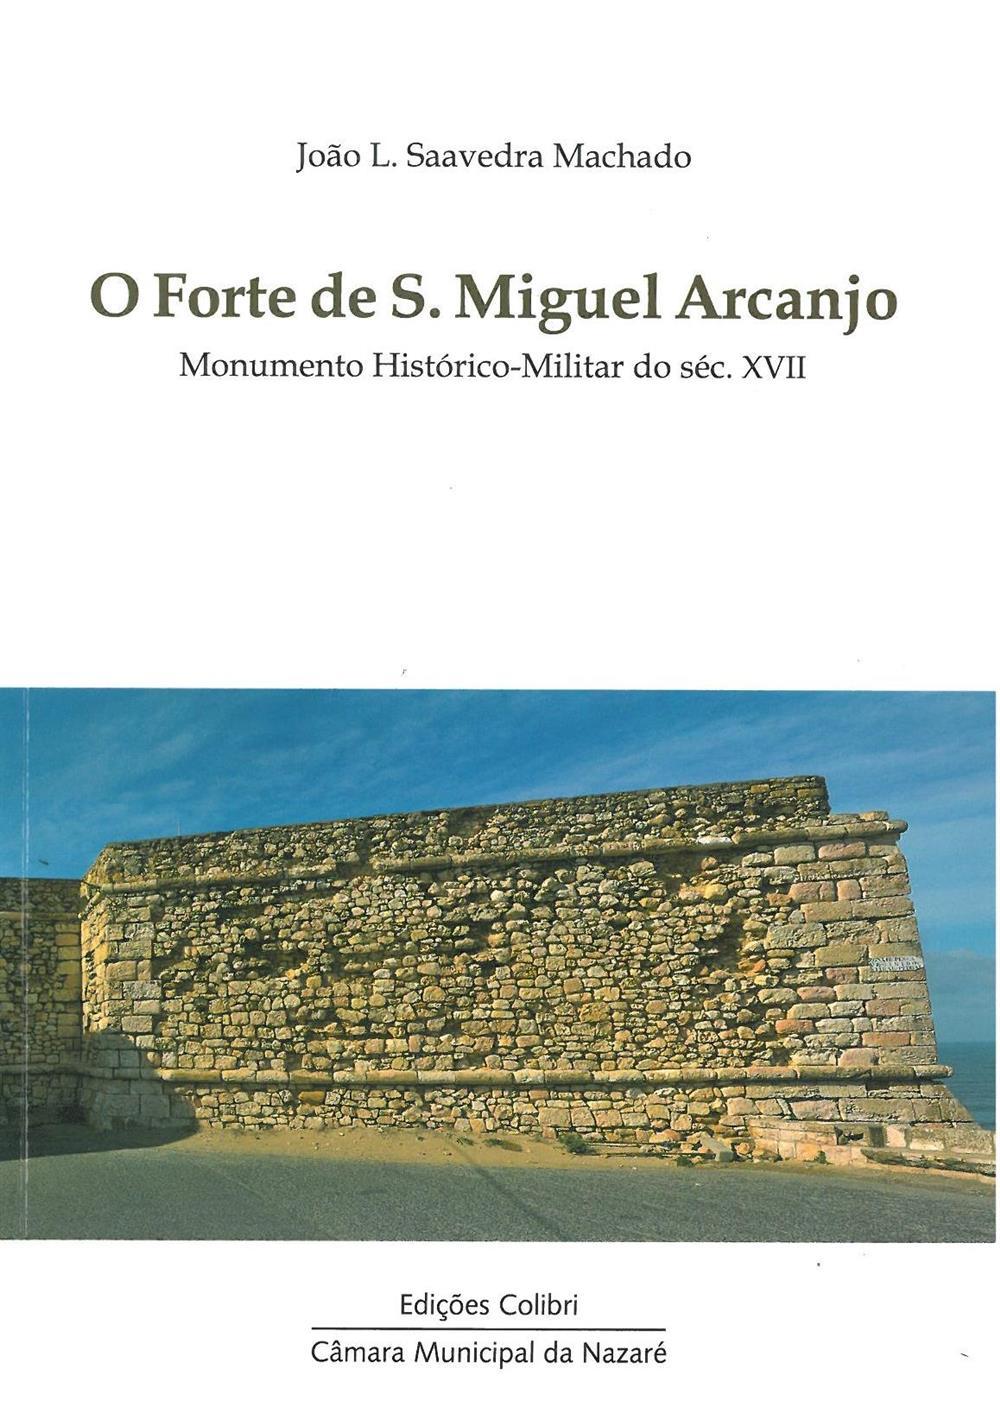 O Forte de S. Miguel Arcanjo_.jpg